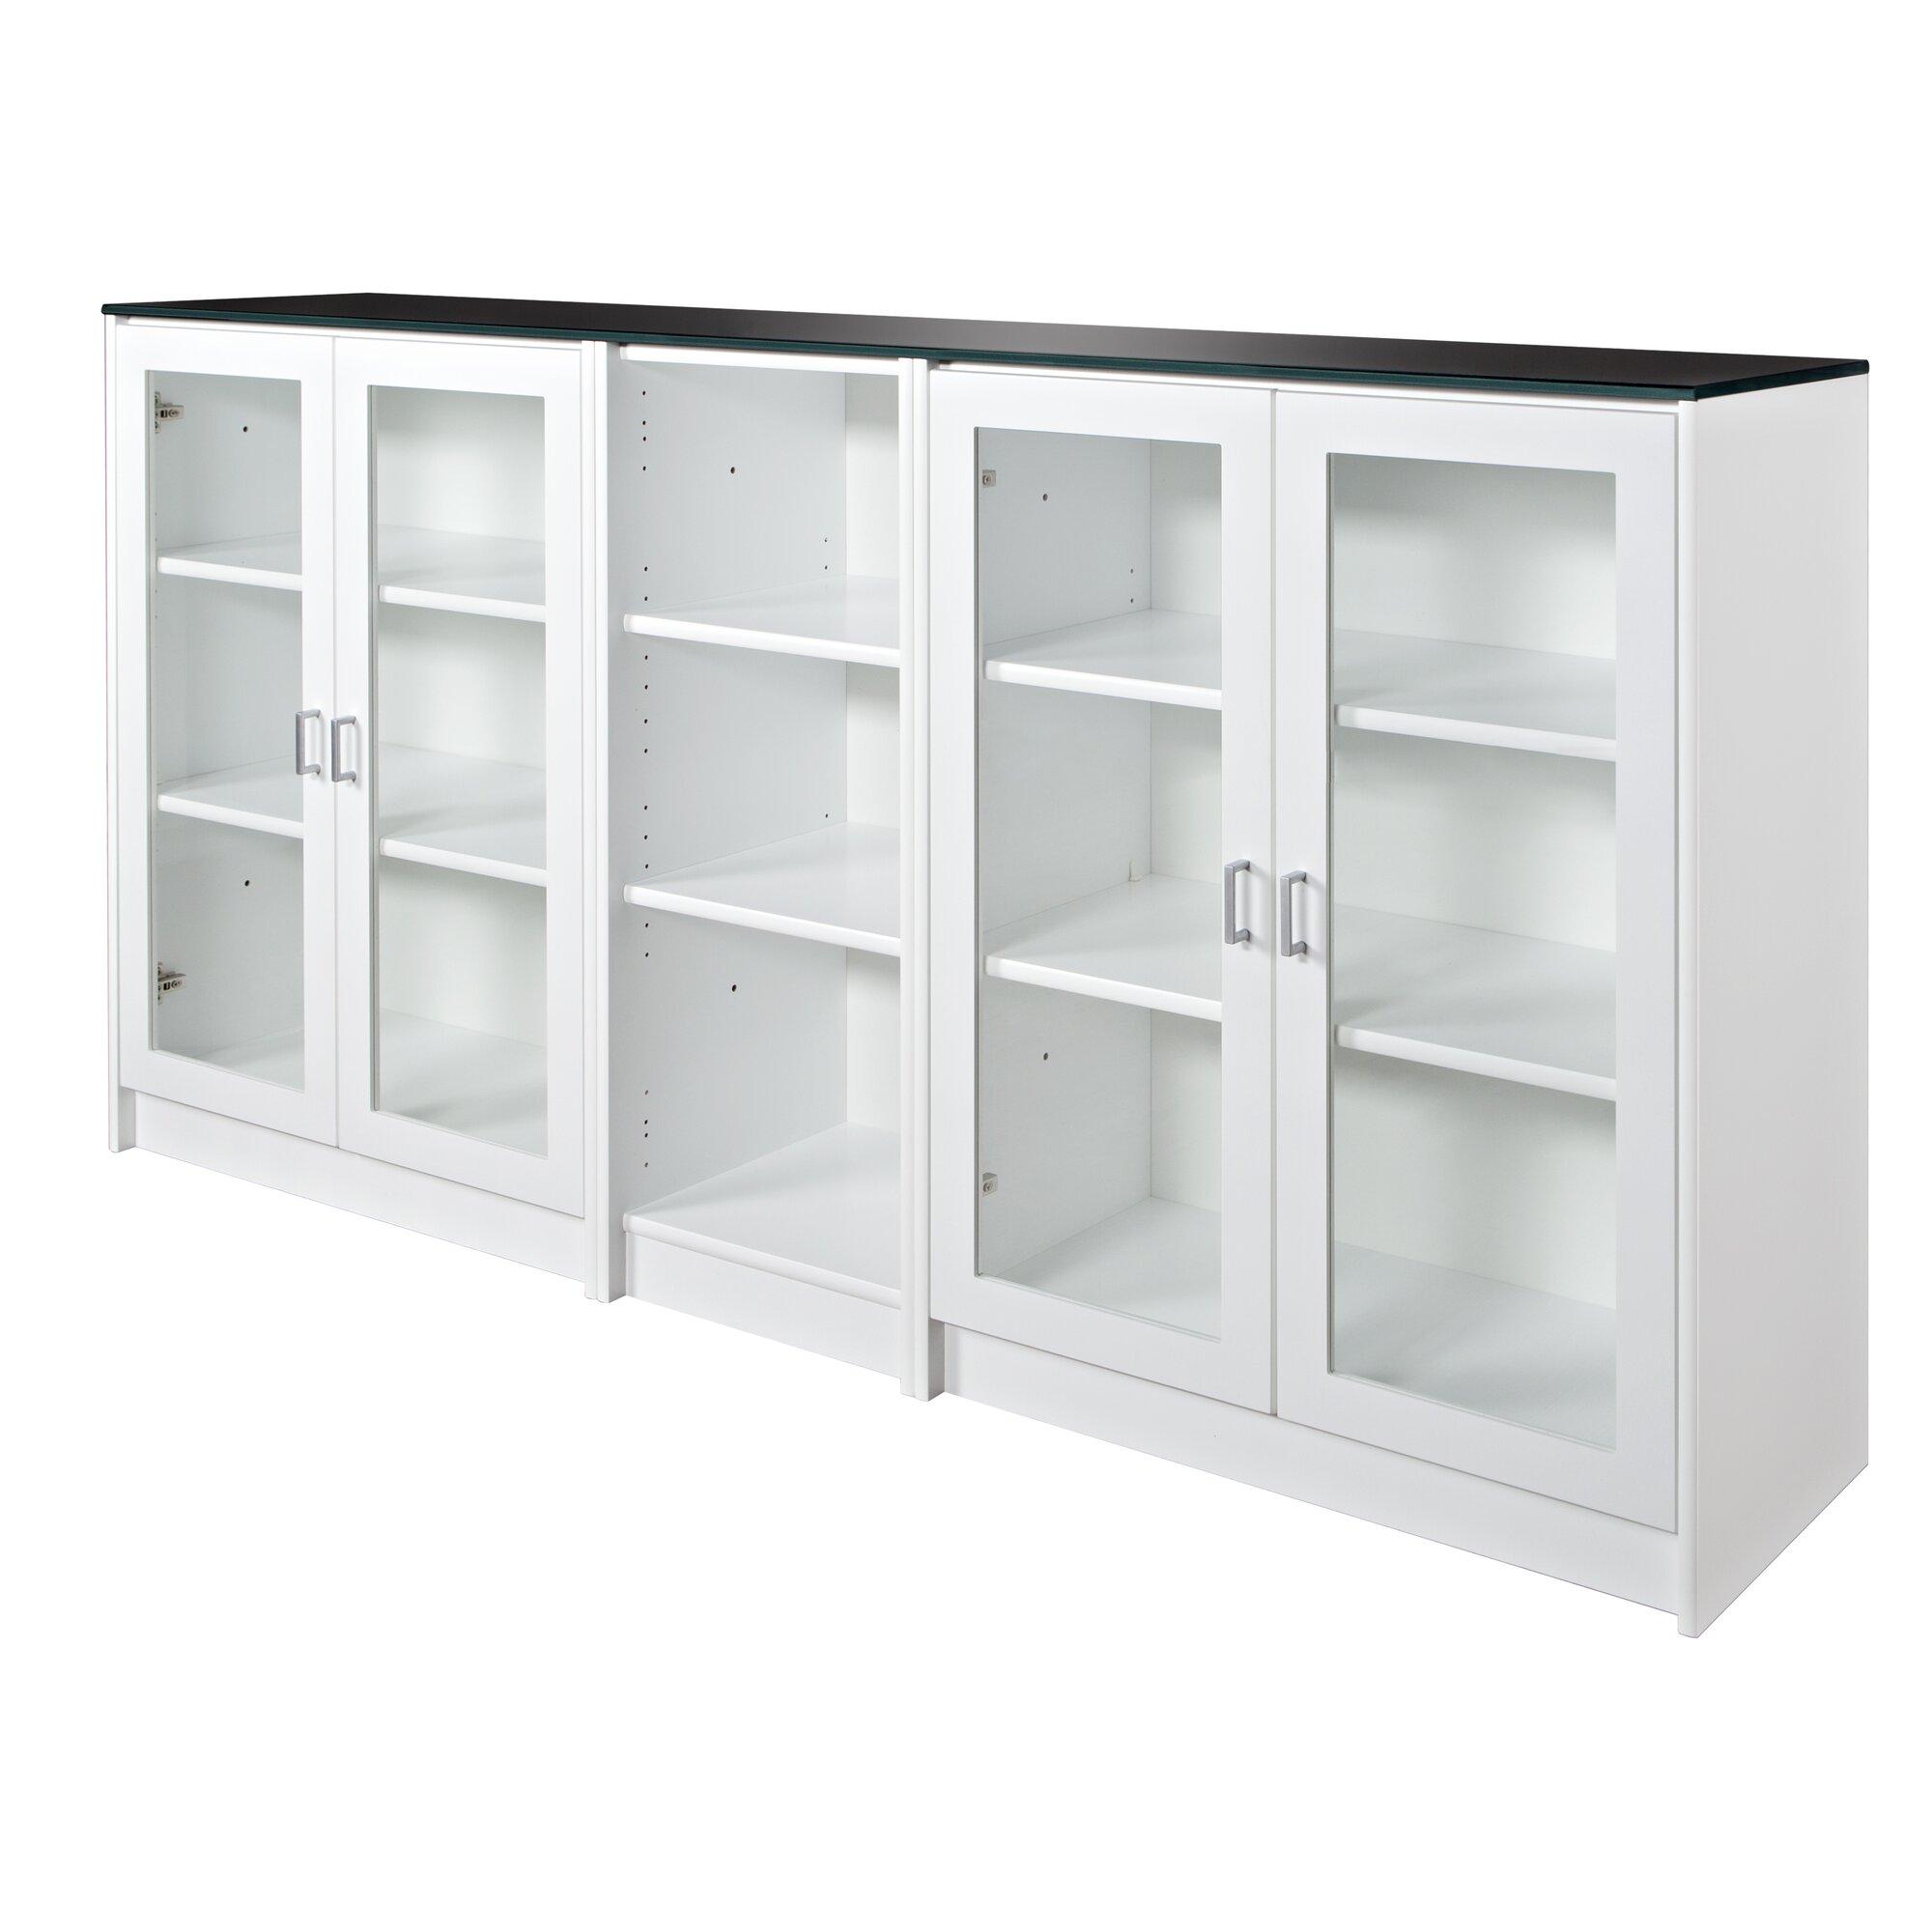 dcor design regal display cabinet. Black Bedroom Furniture Sets. Home Design Ideas